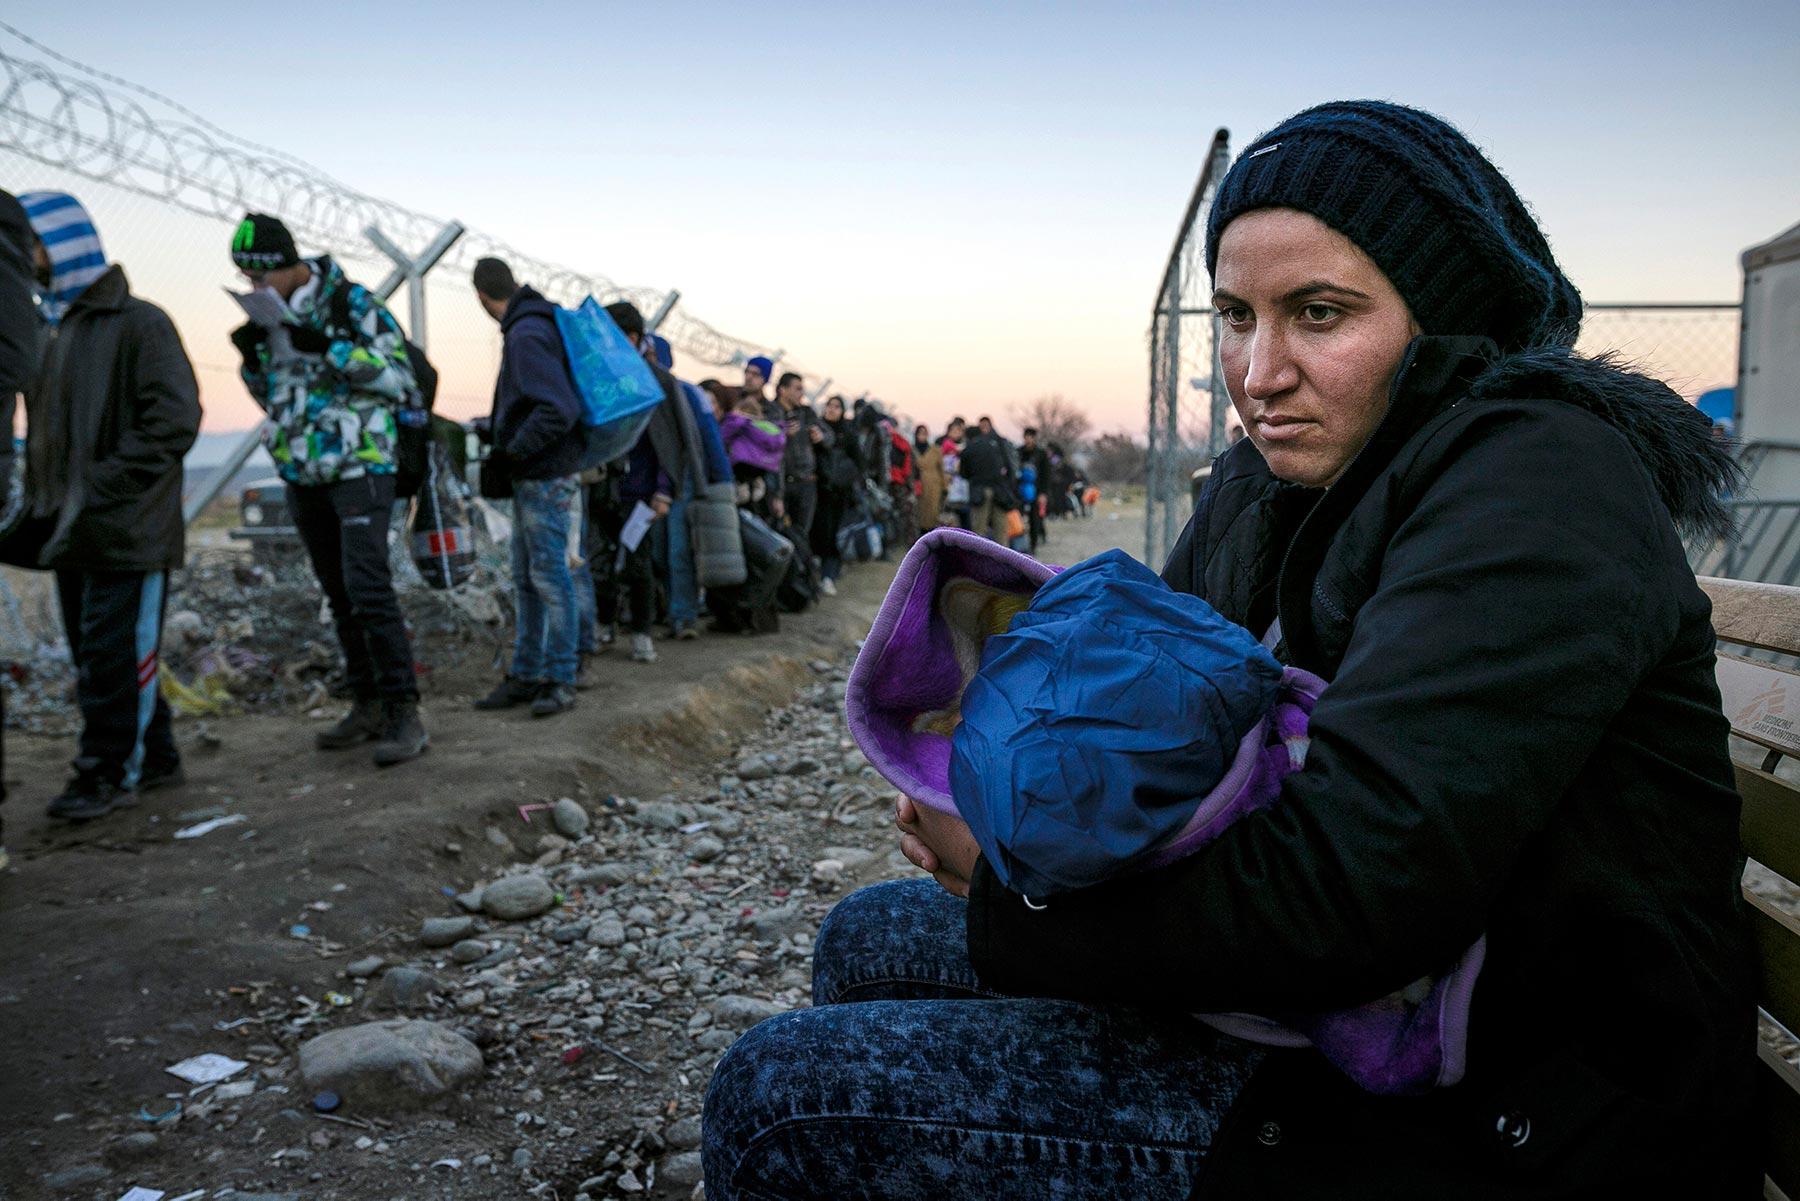 max-ferrero-dicembre-2015-grecia-sul-confine-di-idomeni-lunghe-file-di-profughi-aspettano-di-passare-in-macedonia-min